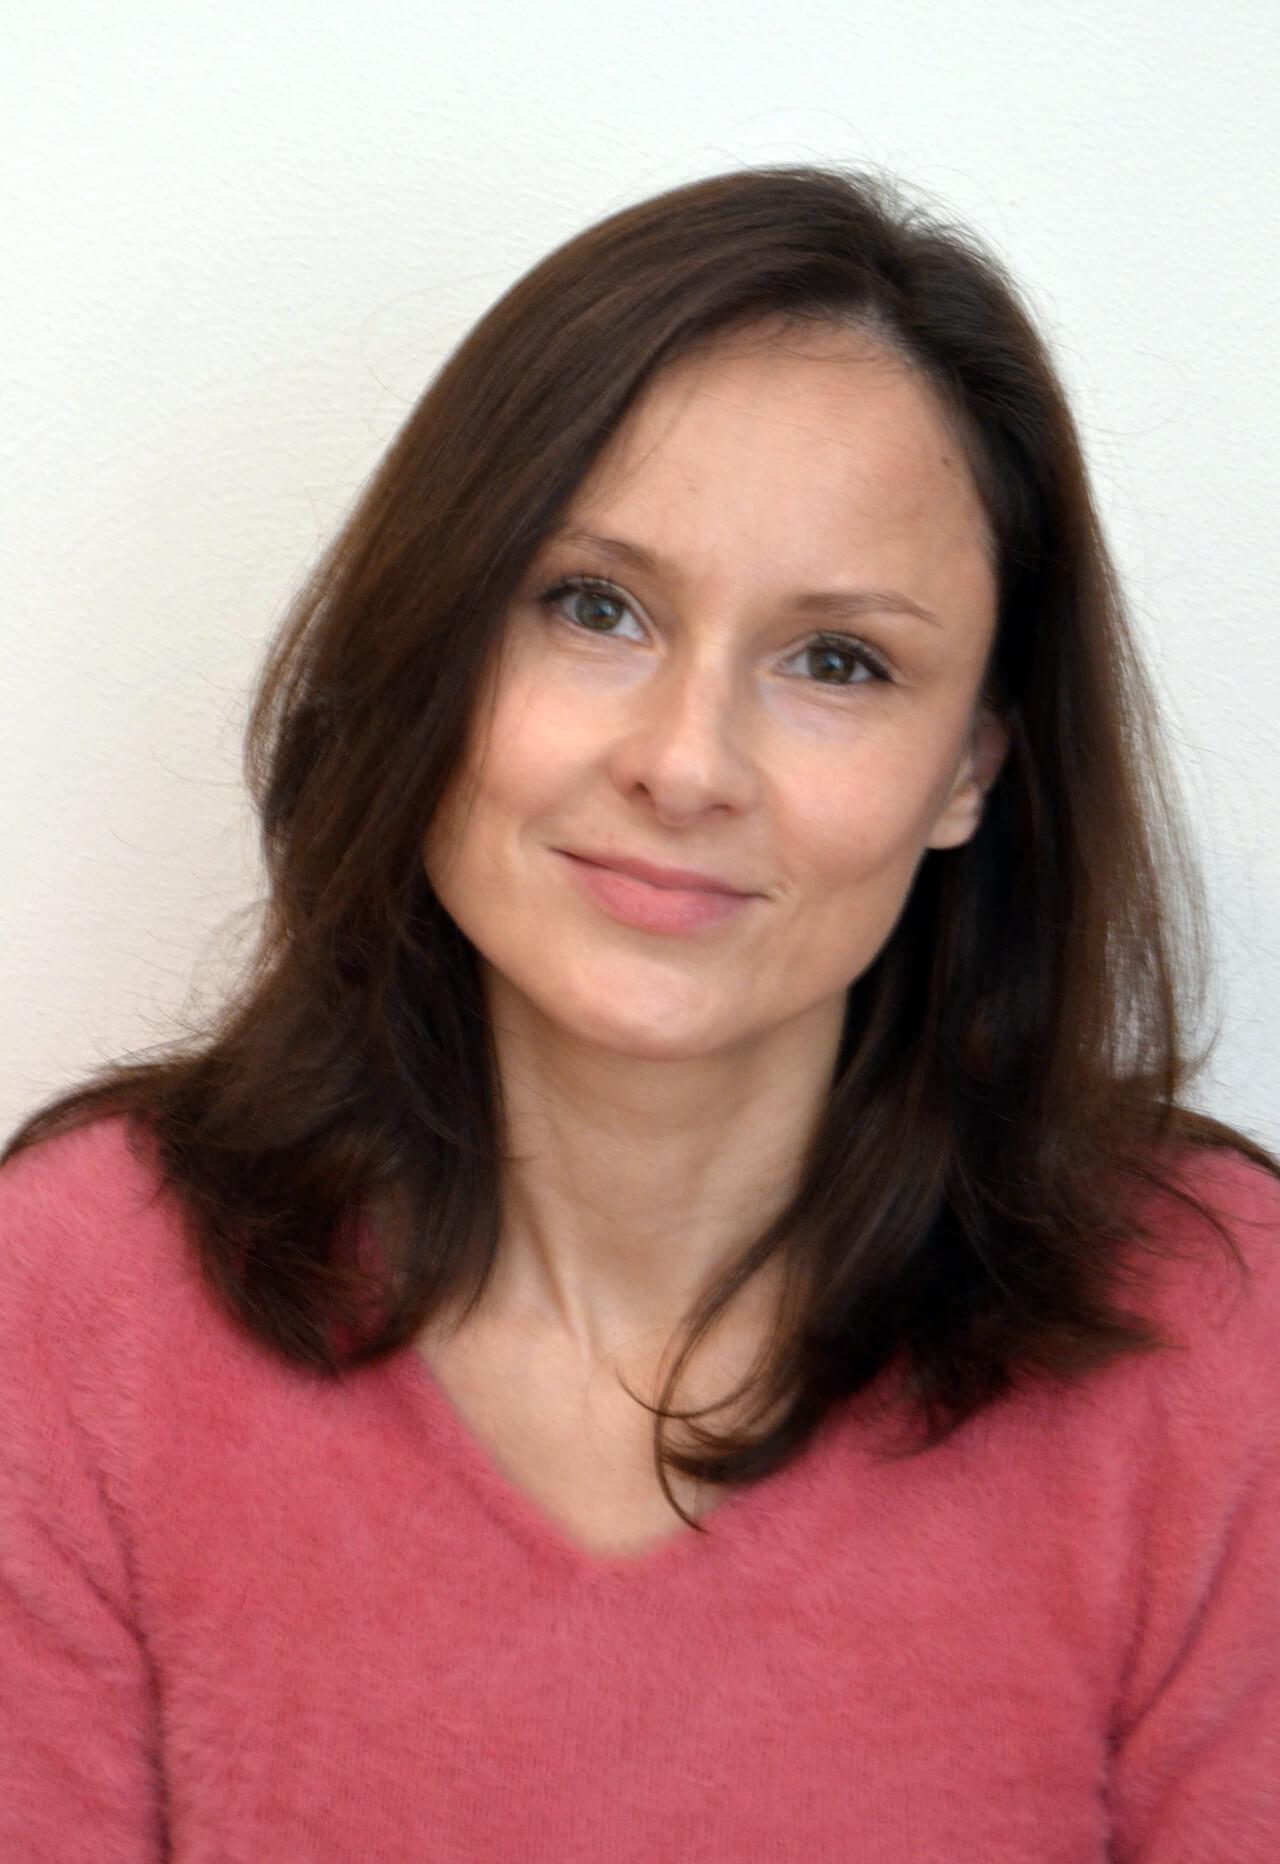 Psicologo e psicoterapeuta a Vicenza